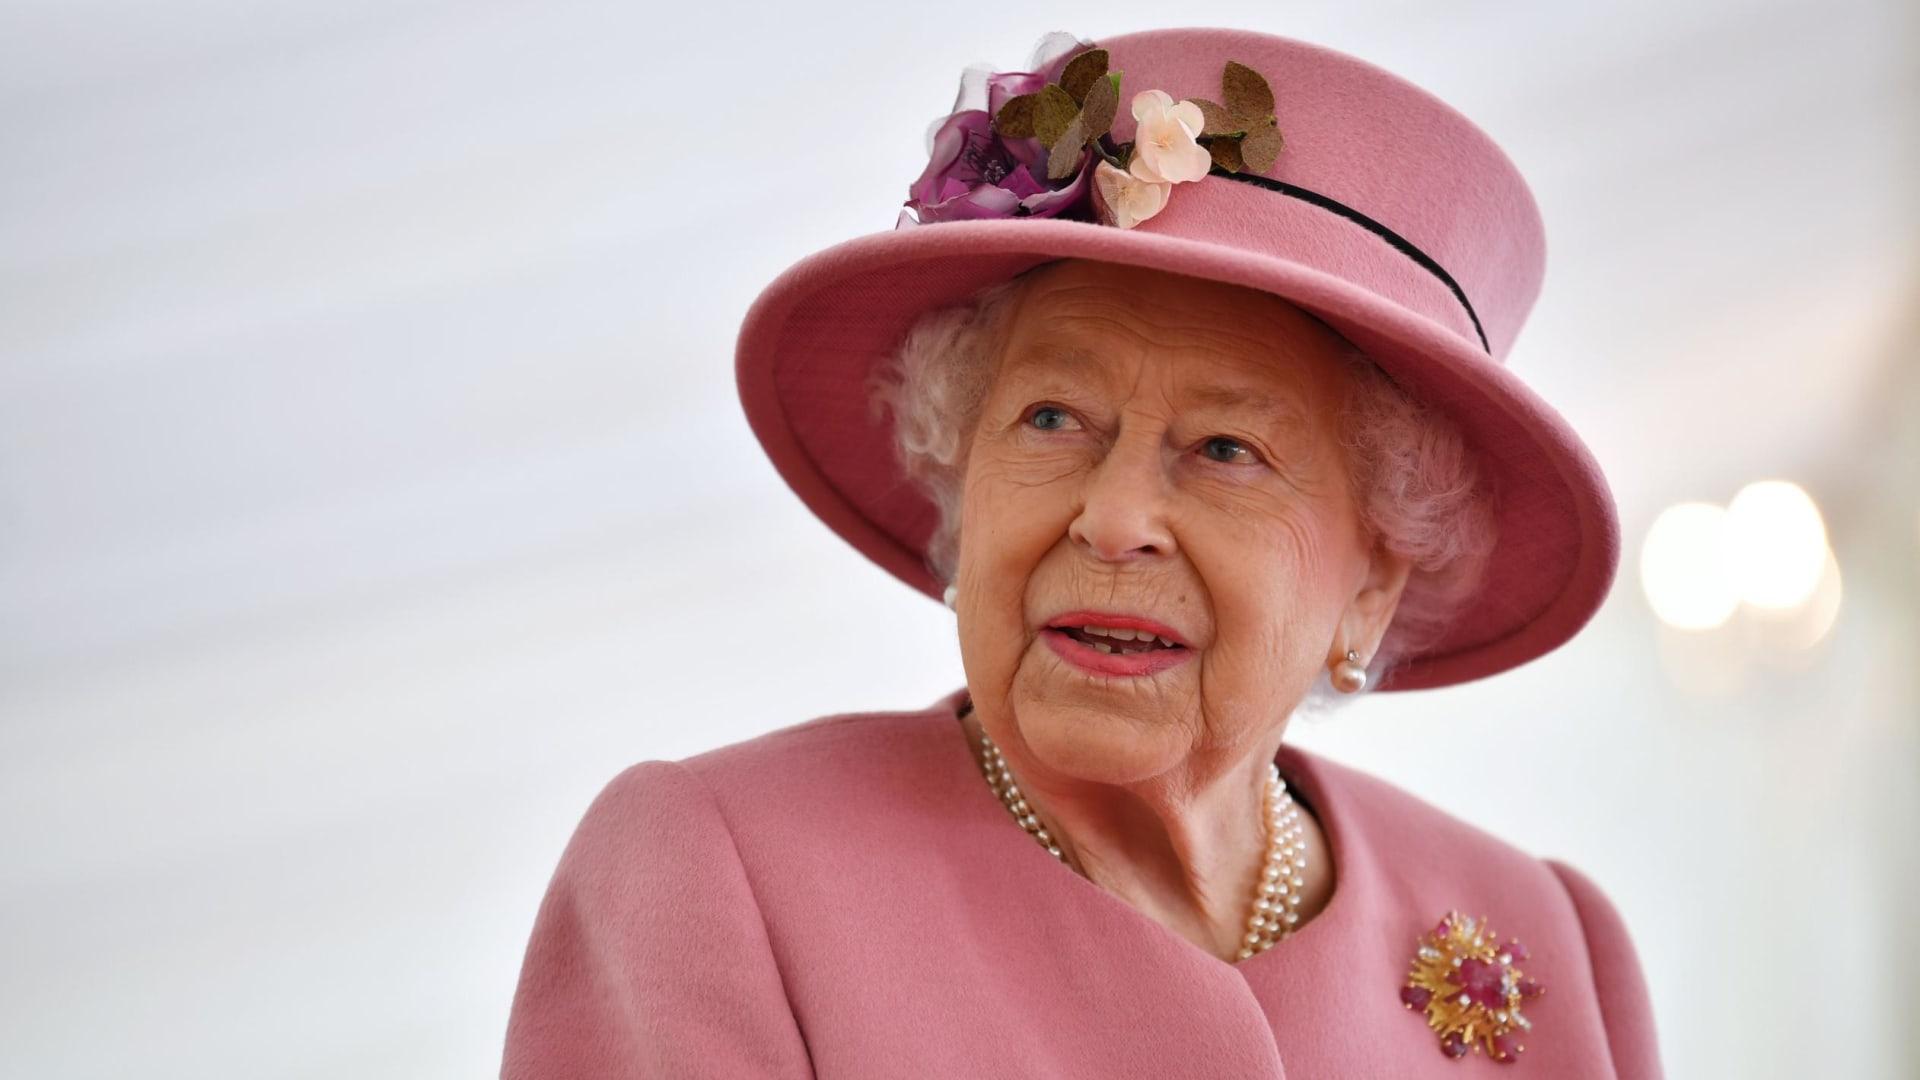 ألوان زاهية وأنماط مميزة.. إليكم نظرة عميقة داخل أسلوب الأزياء الفريد للملكة إليزابيث